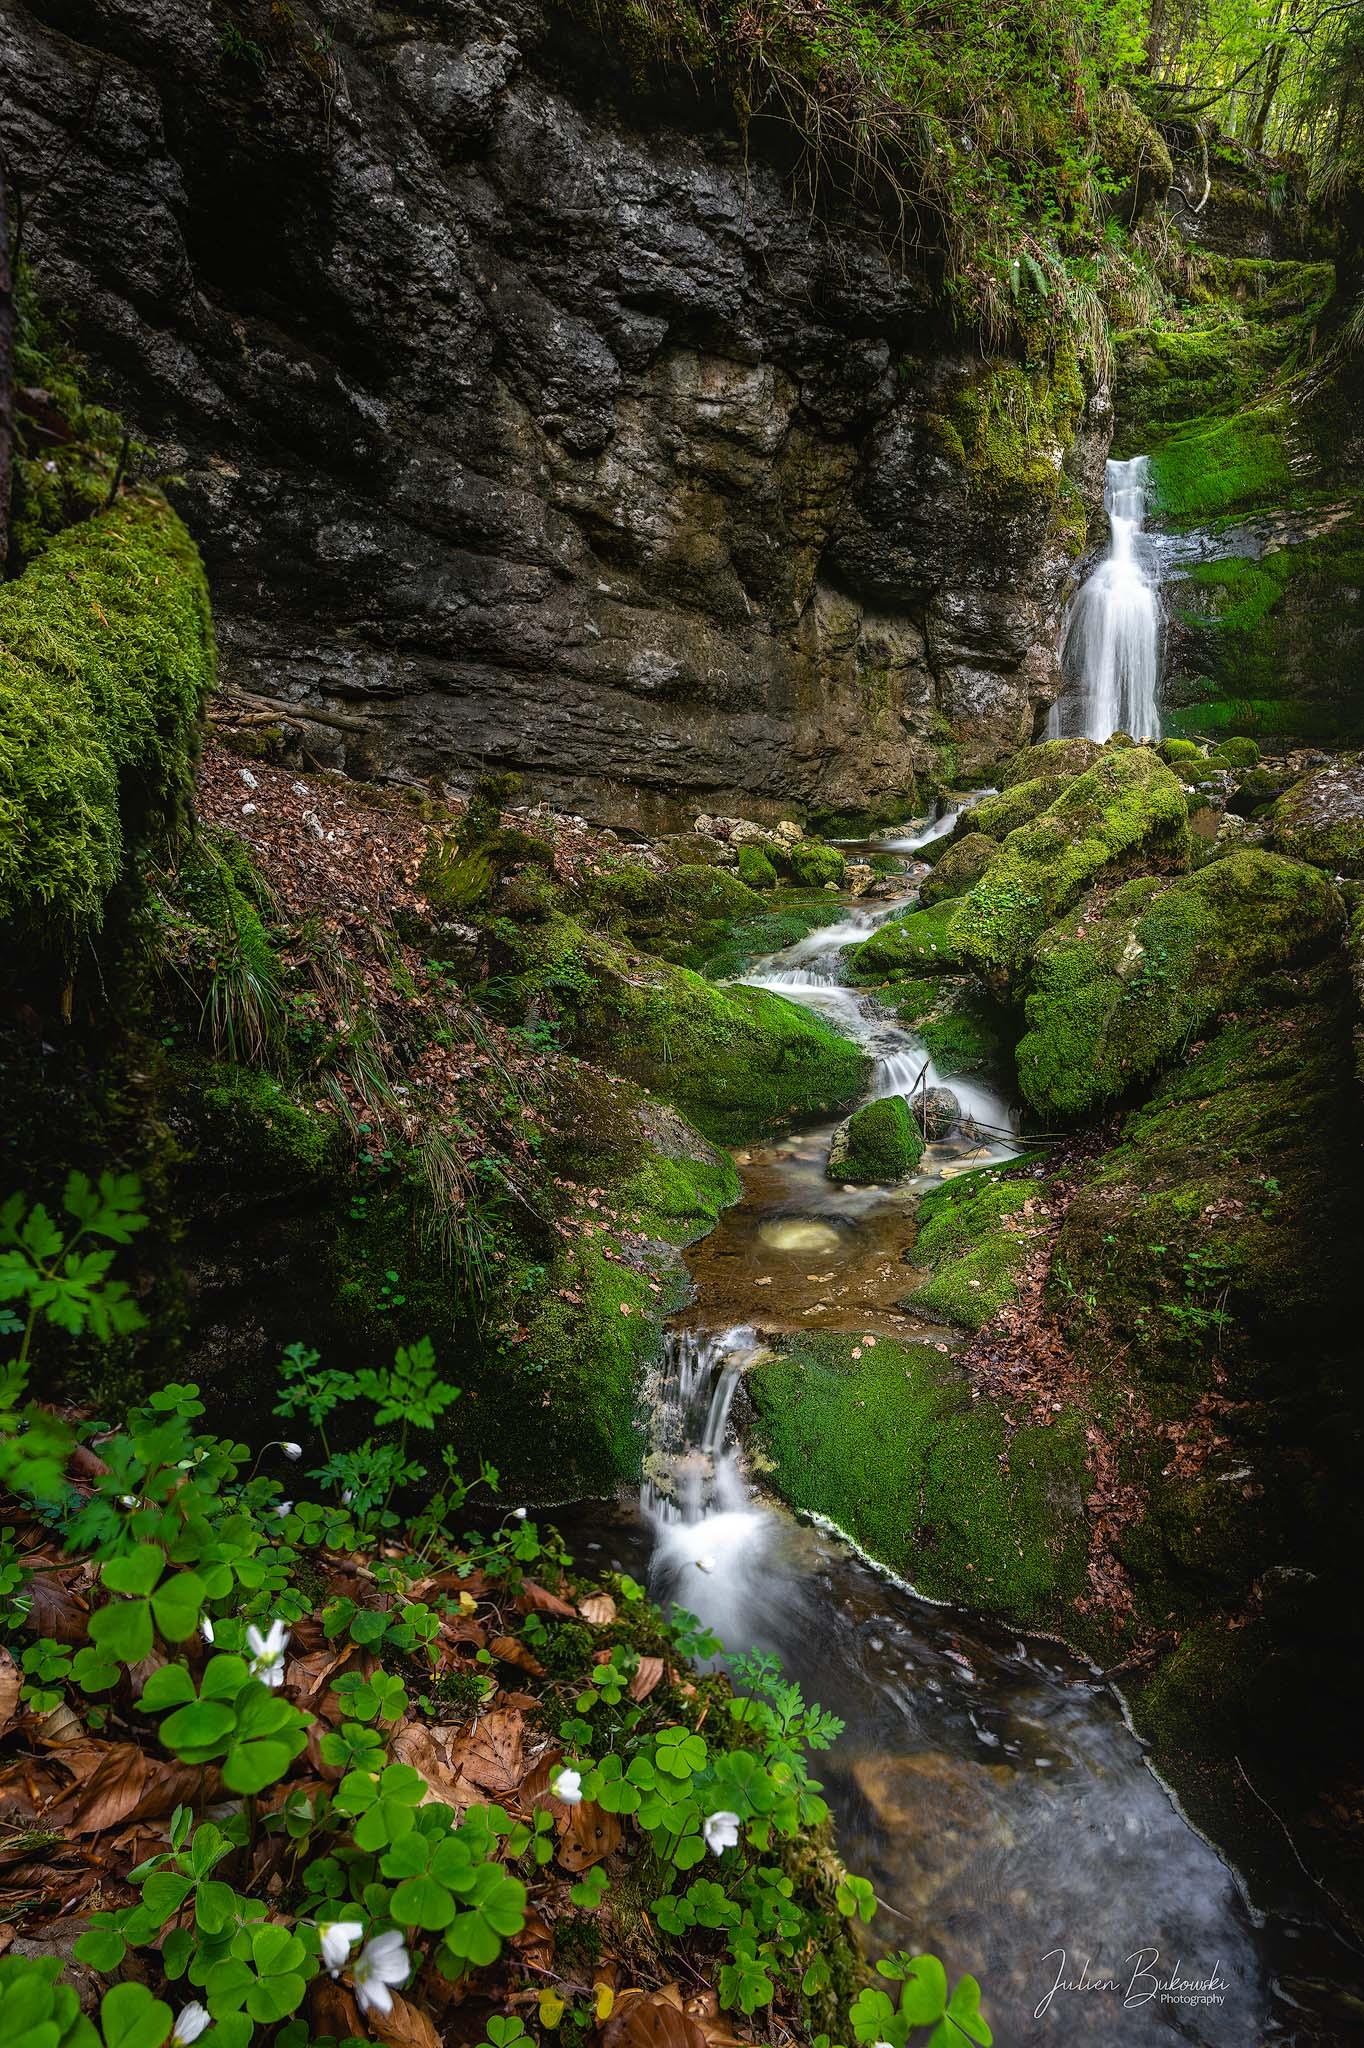 La tortueuse (Gorges de la Poeta Raisse - Suisse)